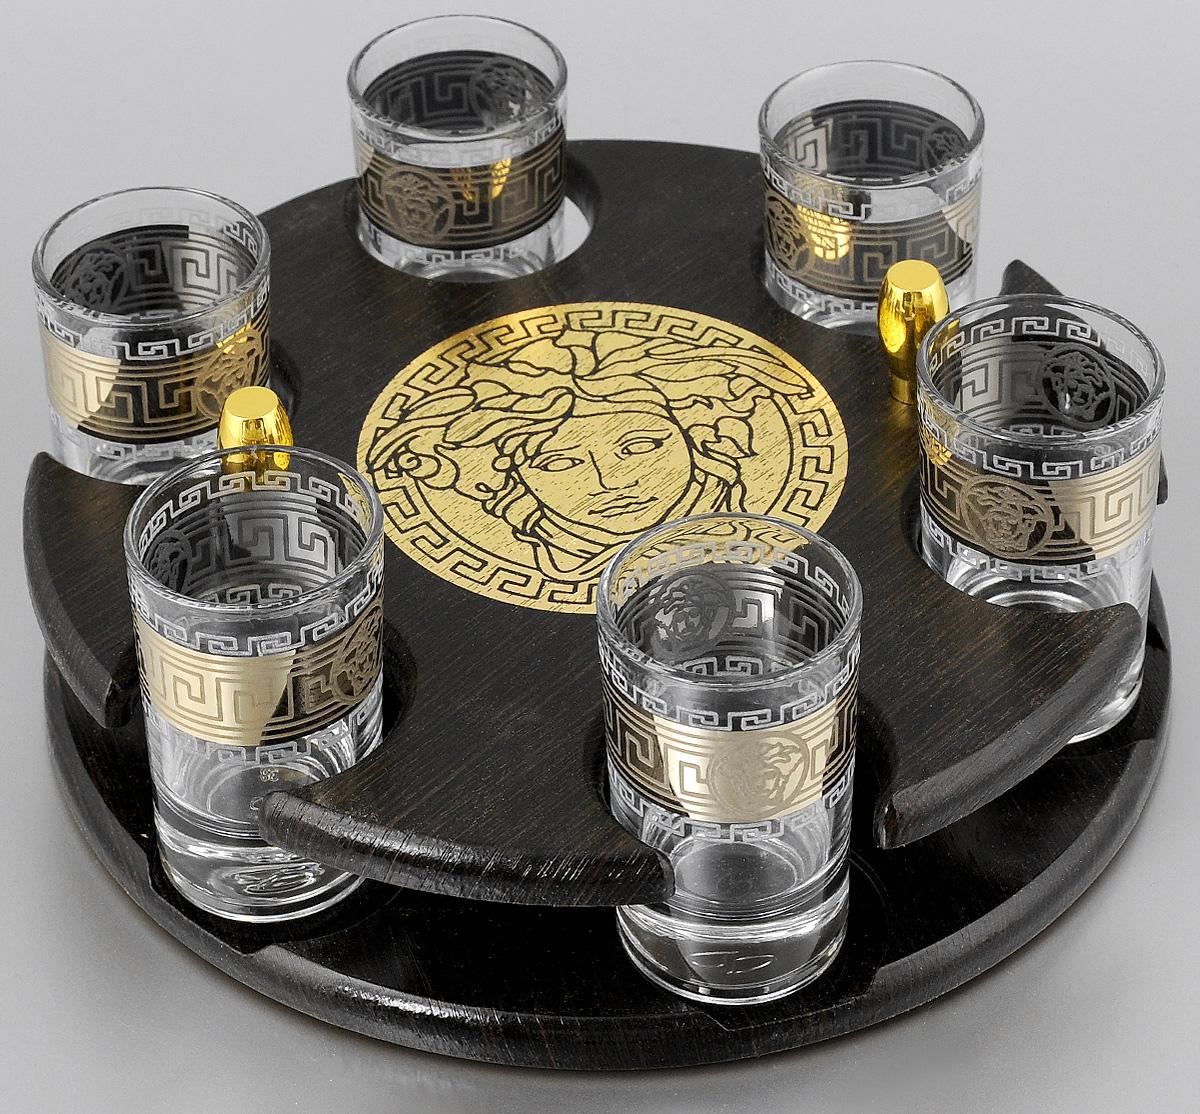 Набор стопок Мусатов Версаче, на подставке, 7 предметов03-112Набор Мусатов Версаче состоит из 6 стопок и деревянной подставки. Стопки, изготовленные из высококачественного натрий-кальций-силикатного стекла, оформлены красивым зеркальным покрытием и оригинальным орнаментом. Такой набор прекрасно дополнит праздничный стол и станет желанным подарком в любом доме. Стопки разрешается мыть в посудомоечной машине. Диаметр стопки: 4,5 см. Высота стопки: 6,9 см.Диаметр подставки: 21,5 см. Высота подставки: 5 см.